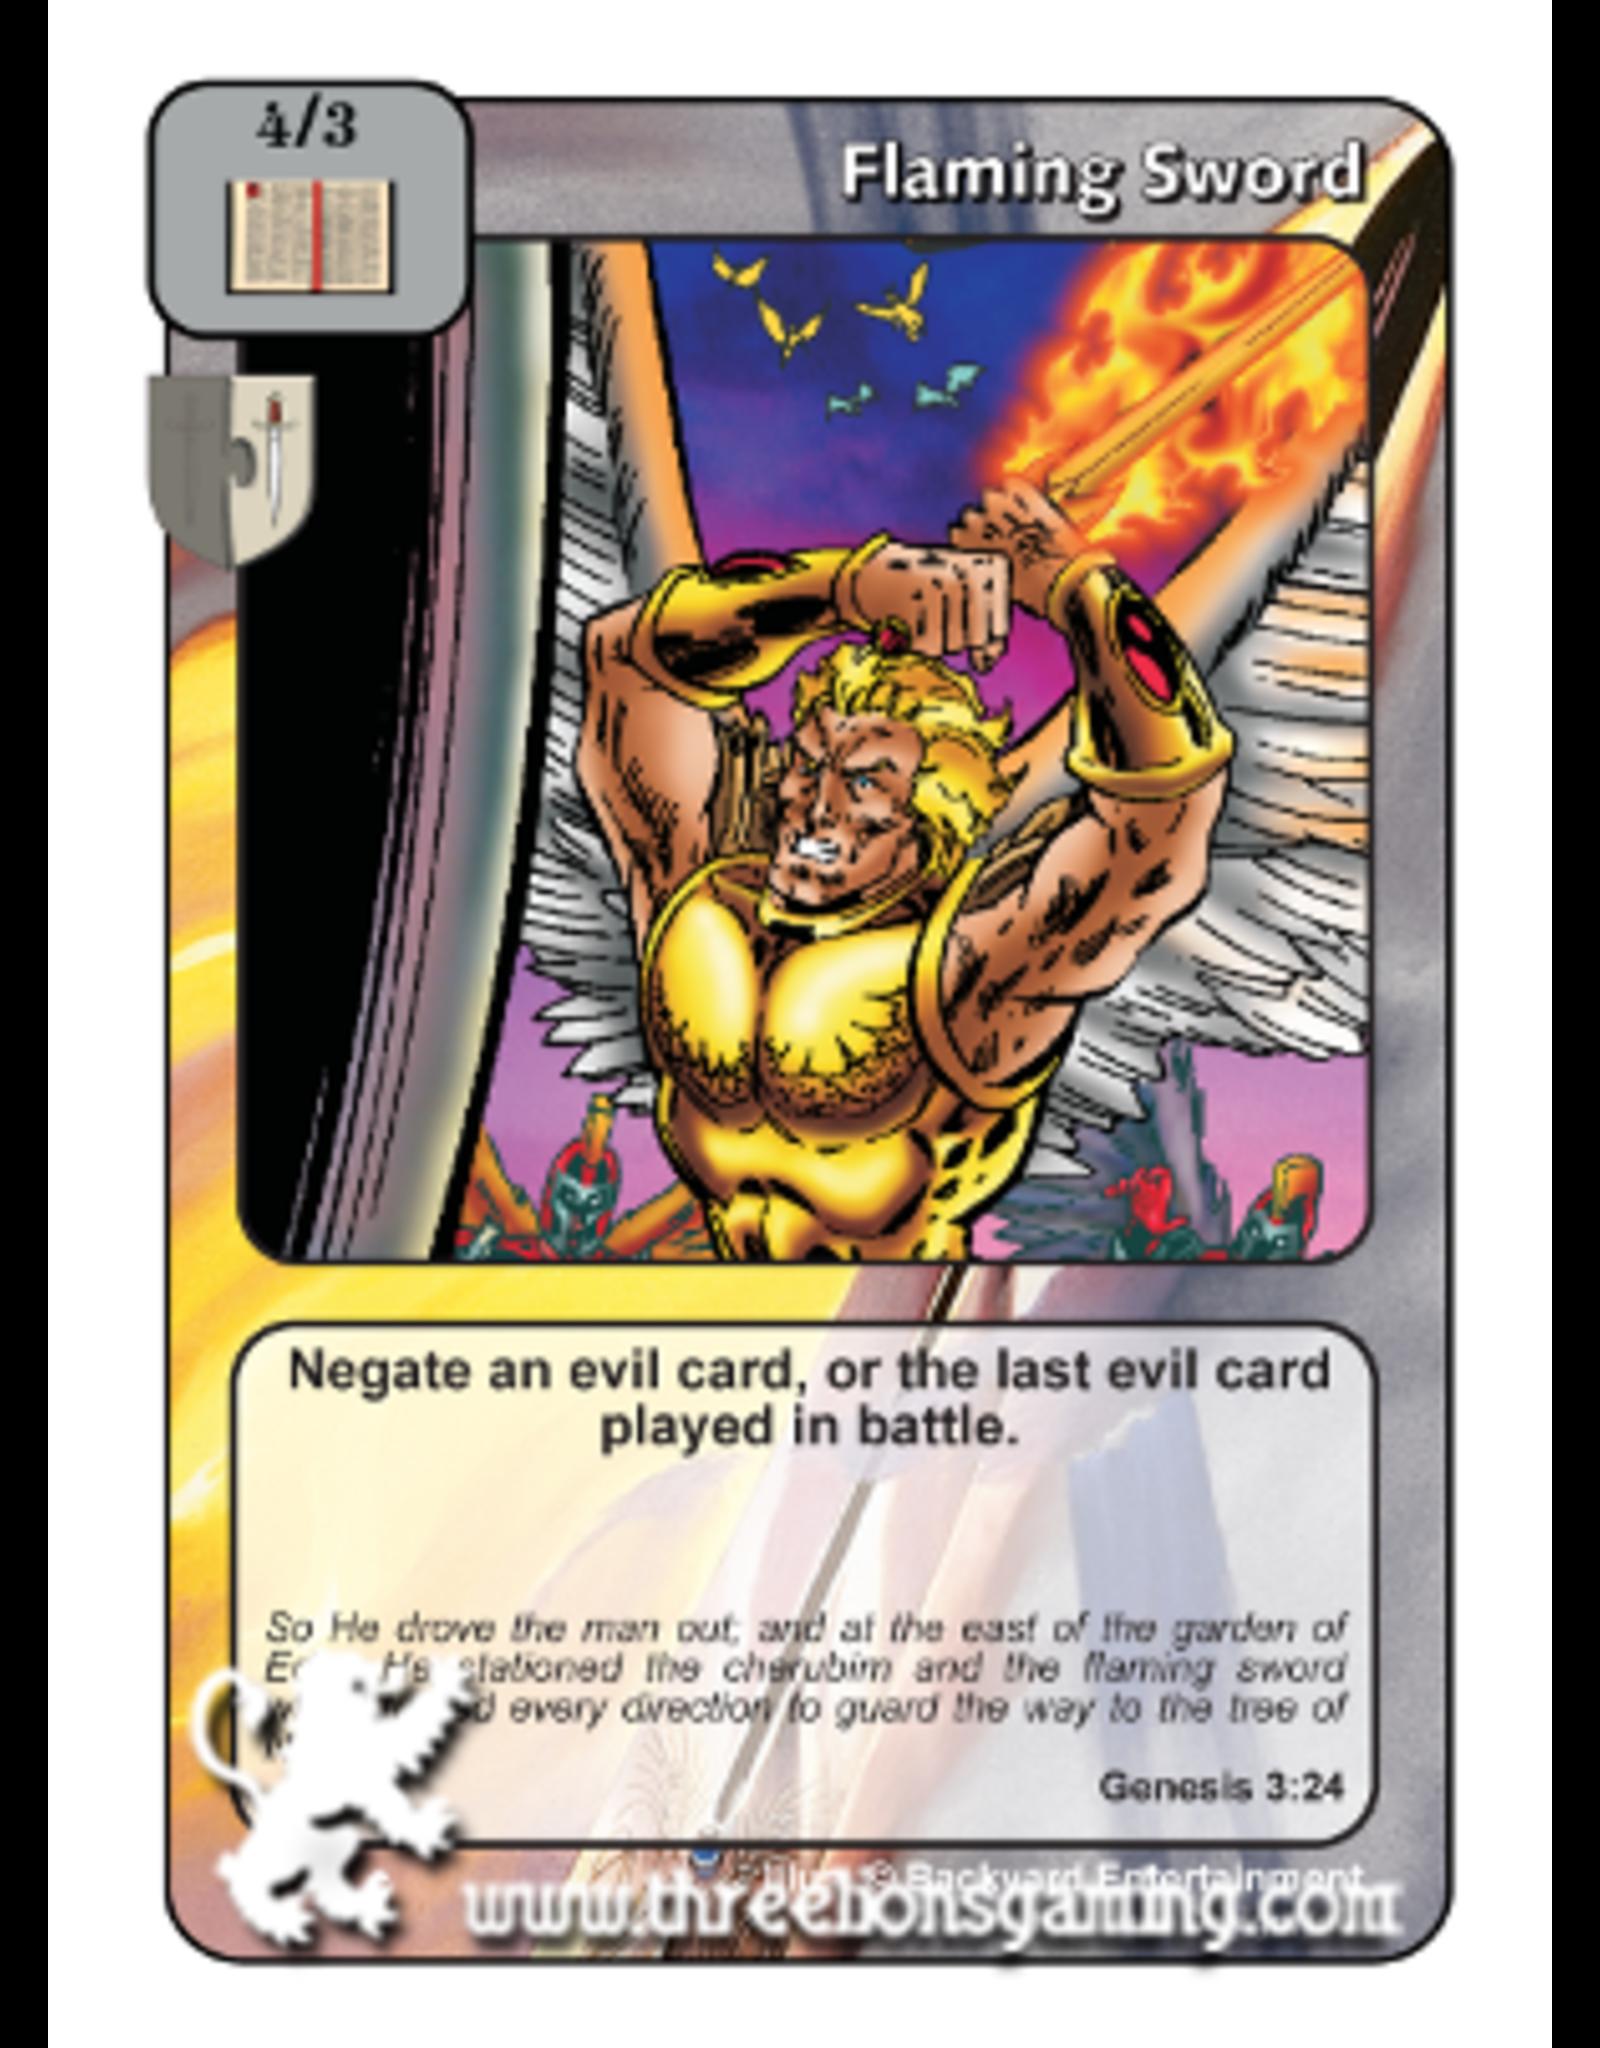 FoM: Flaming Sword